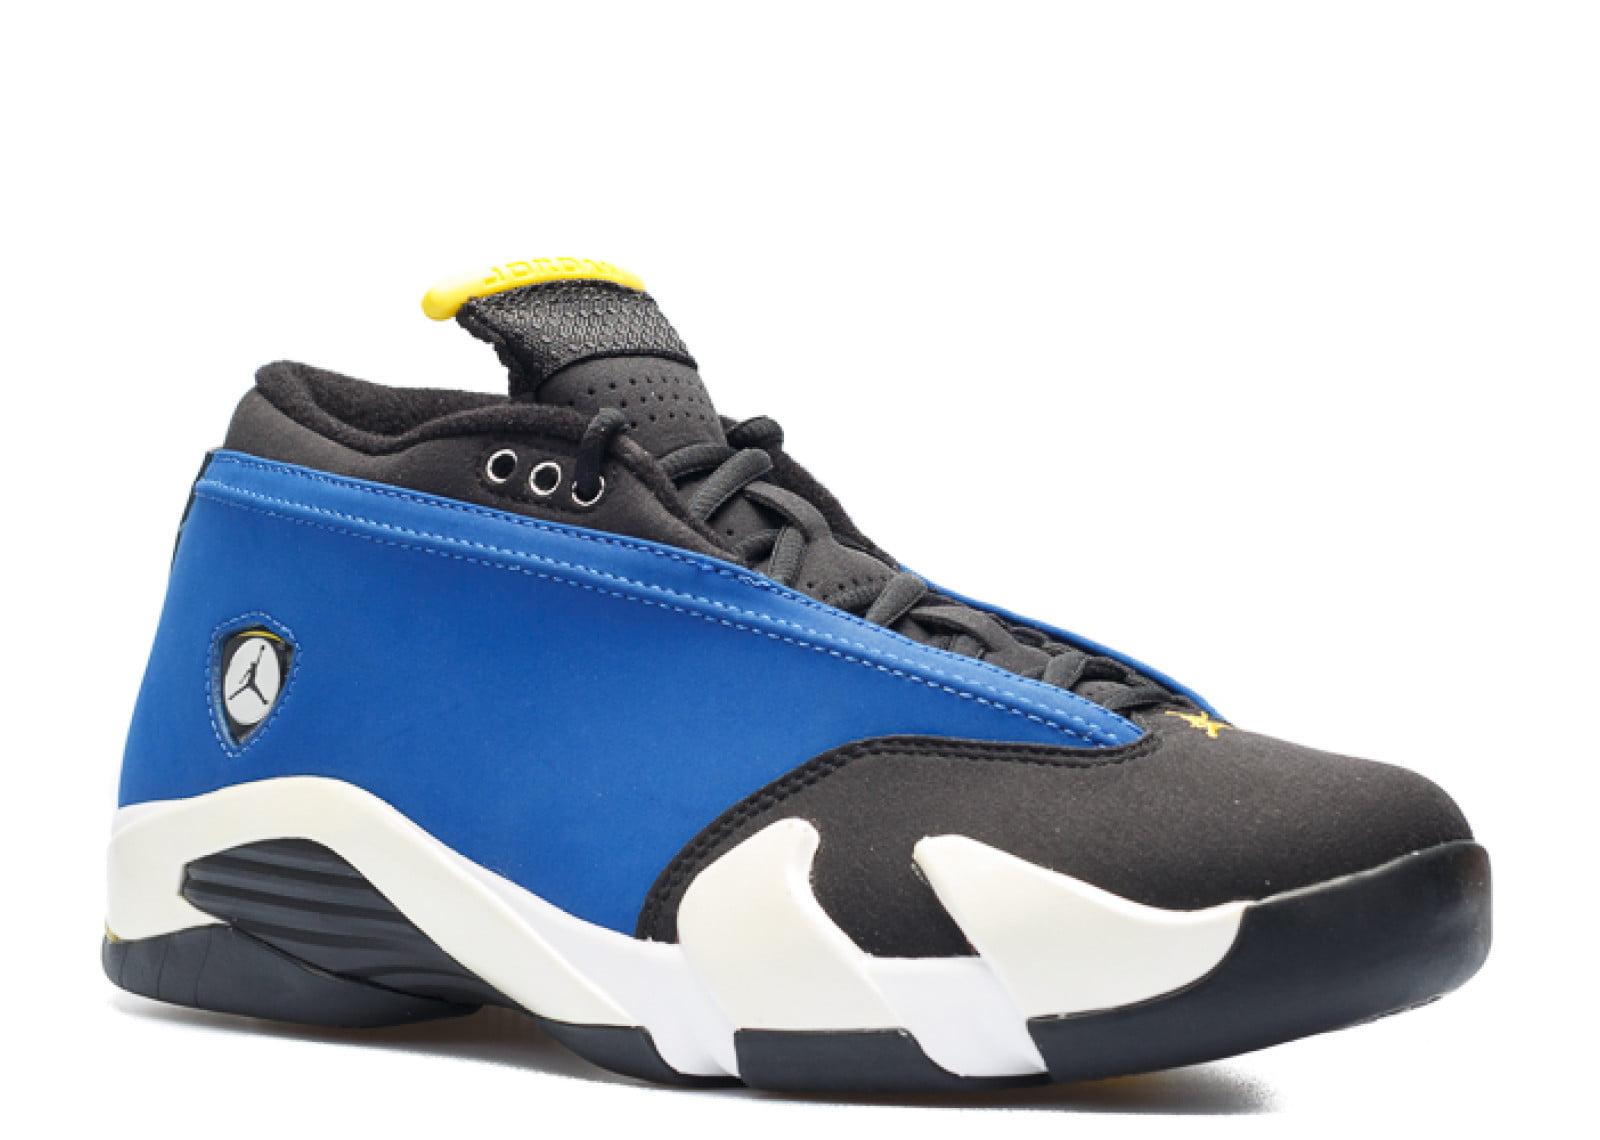 86620d2bb9133f Air Jordan - Men - Air Jordan 14 Retro Low  Laney  - 807511-405 - Size 7.5